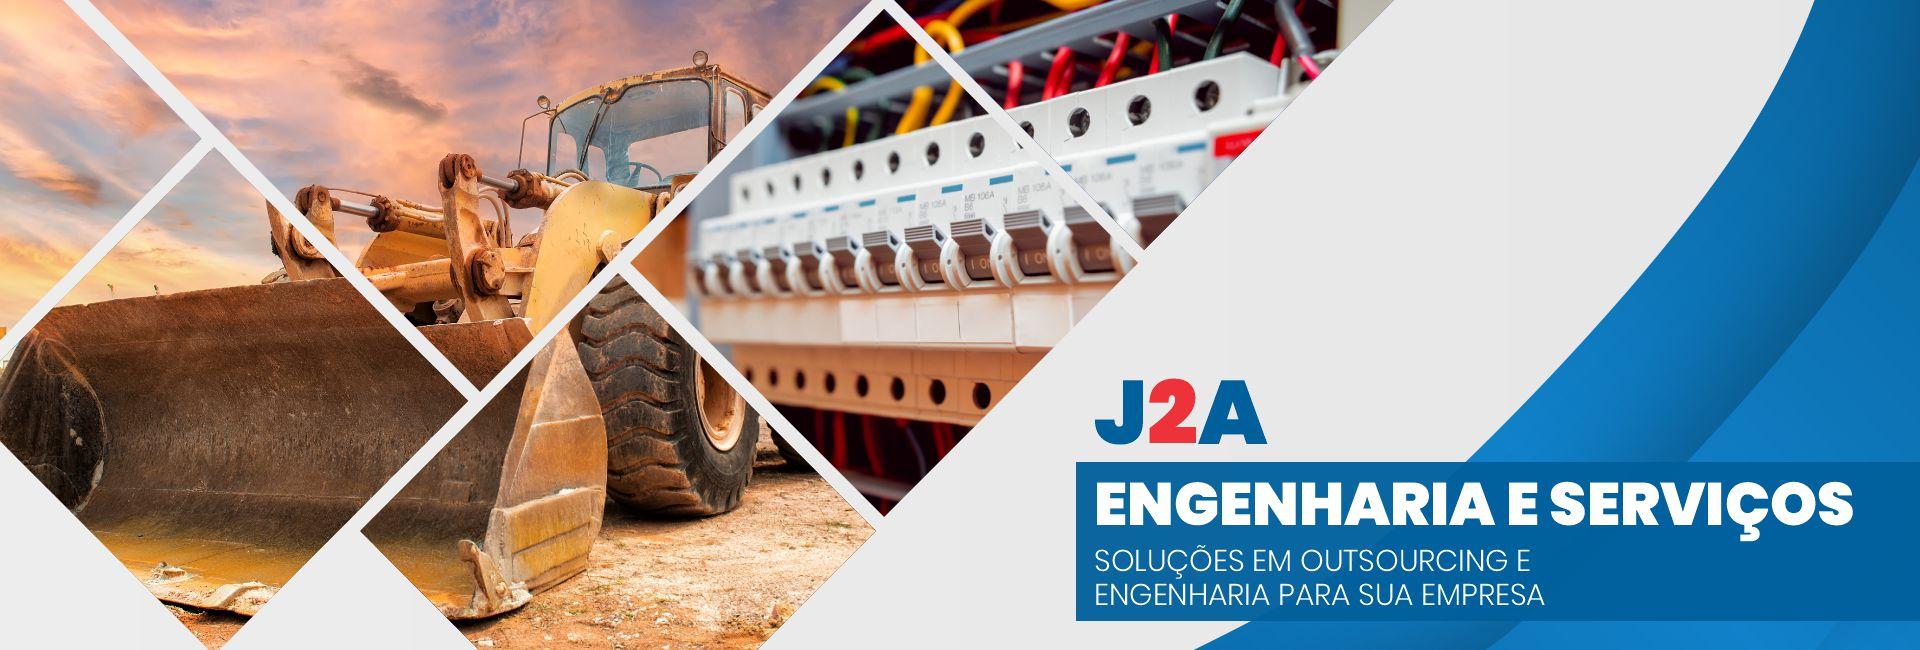 Banner J2A